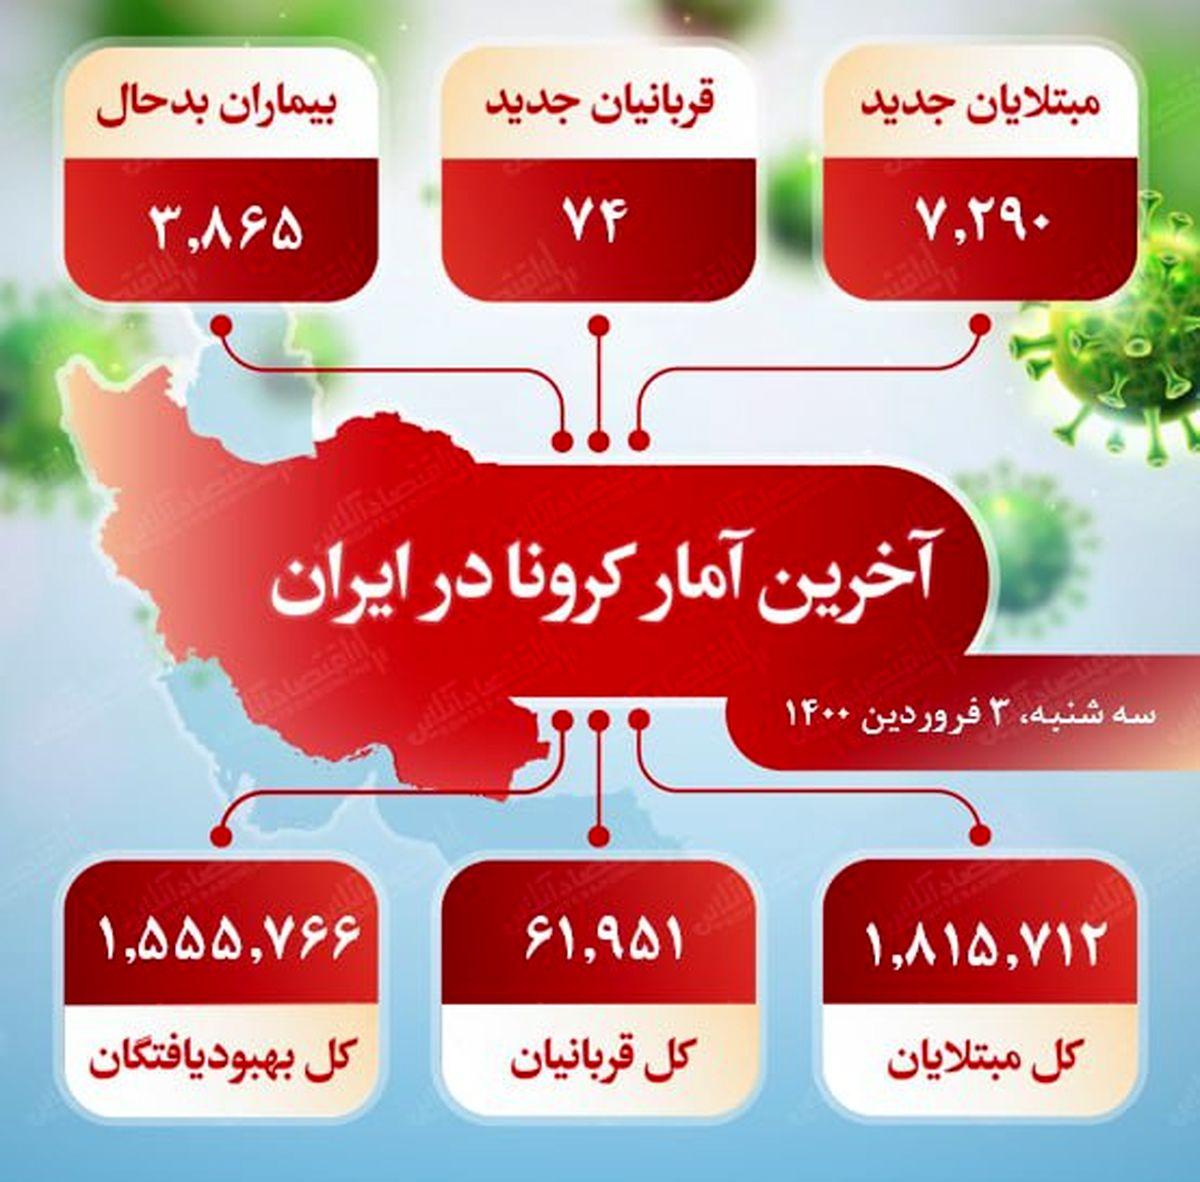 آخرین آمار کرونا در ایران (۱۴۰۰/۱/۳)